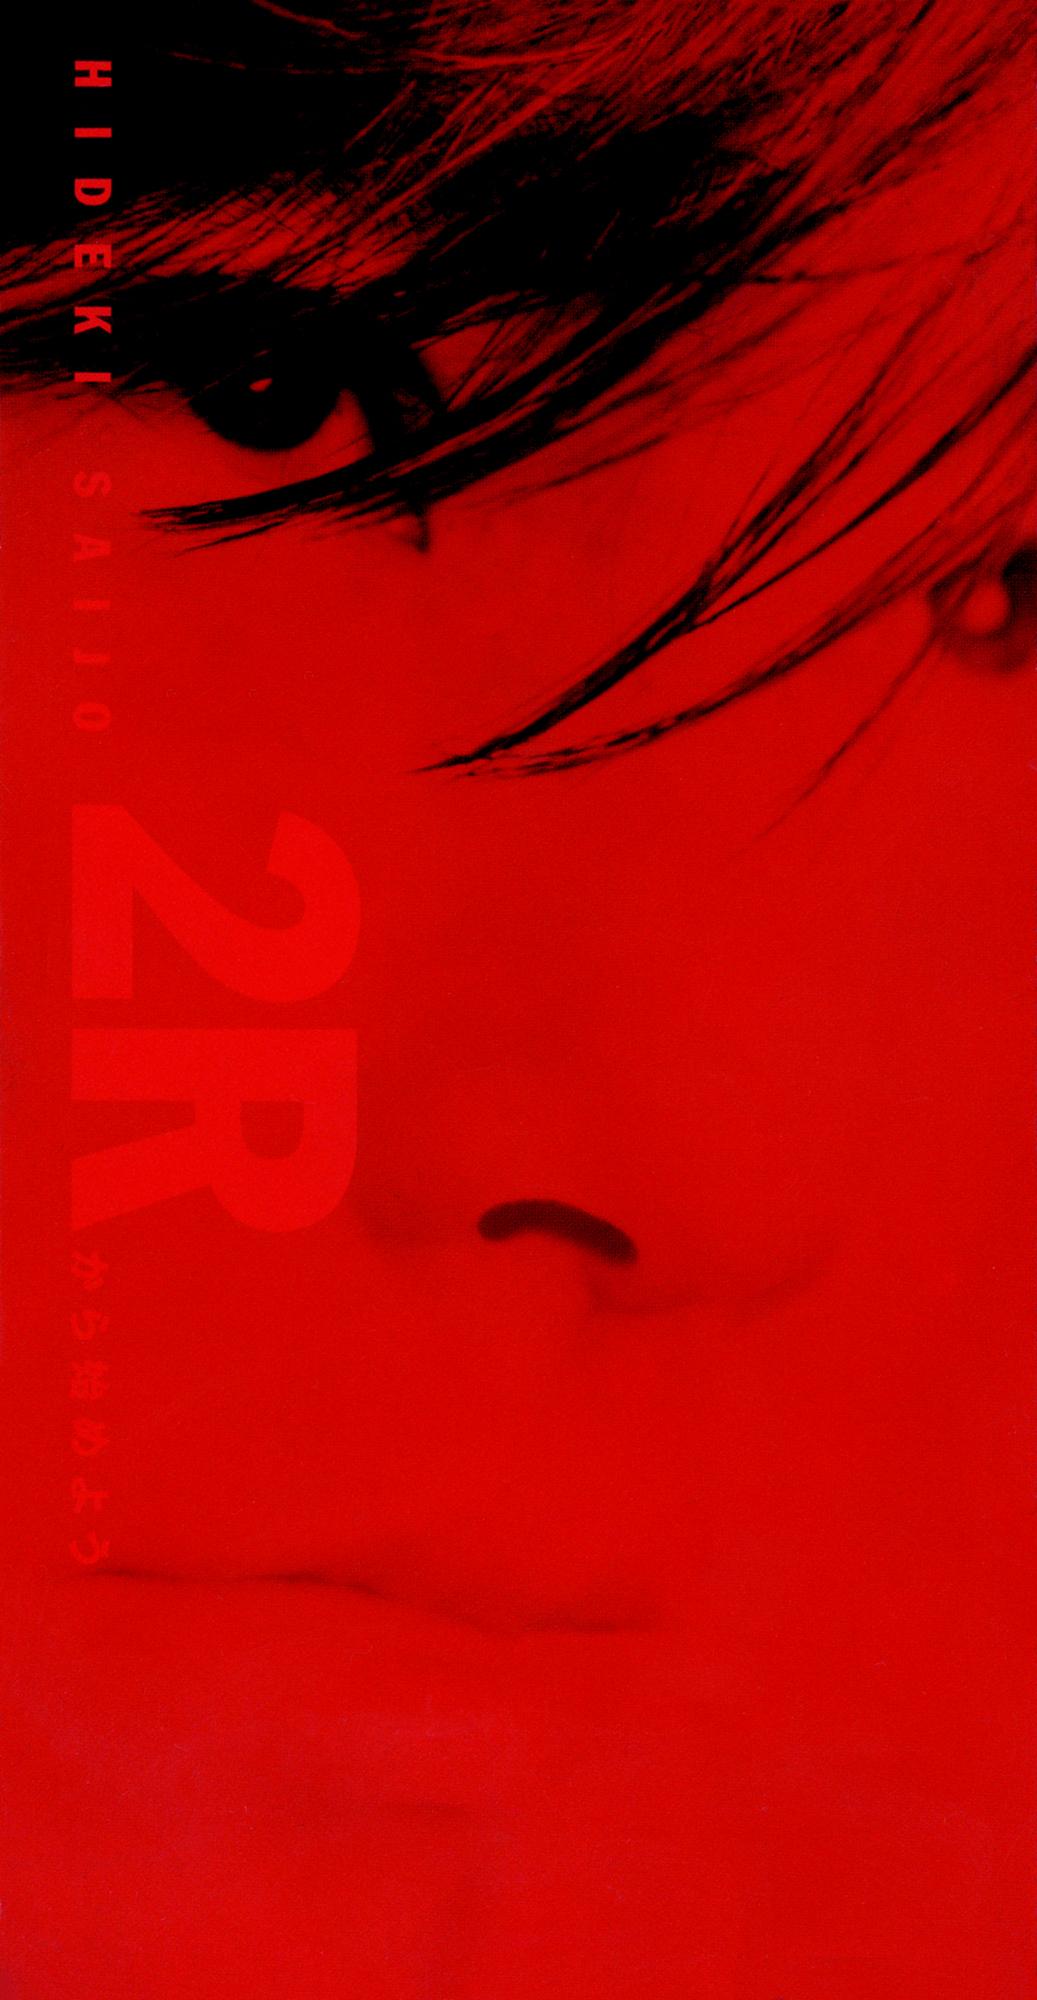 西城秀樹 77thシングル『2Rから始めよう』(1998年5月21日発売) 高画質CDジャケット画像